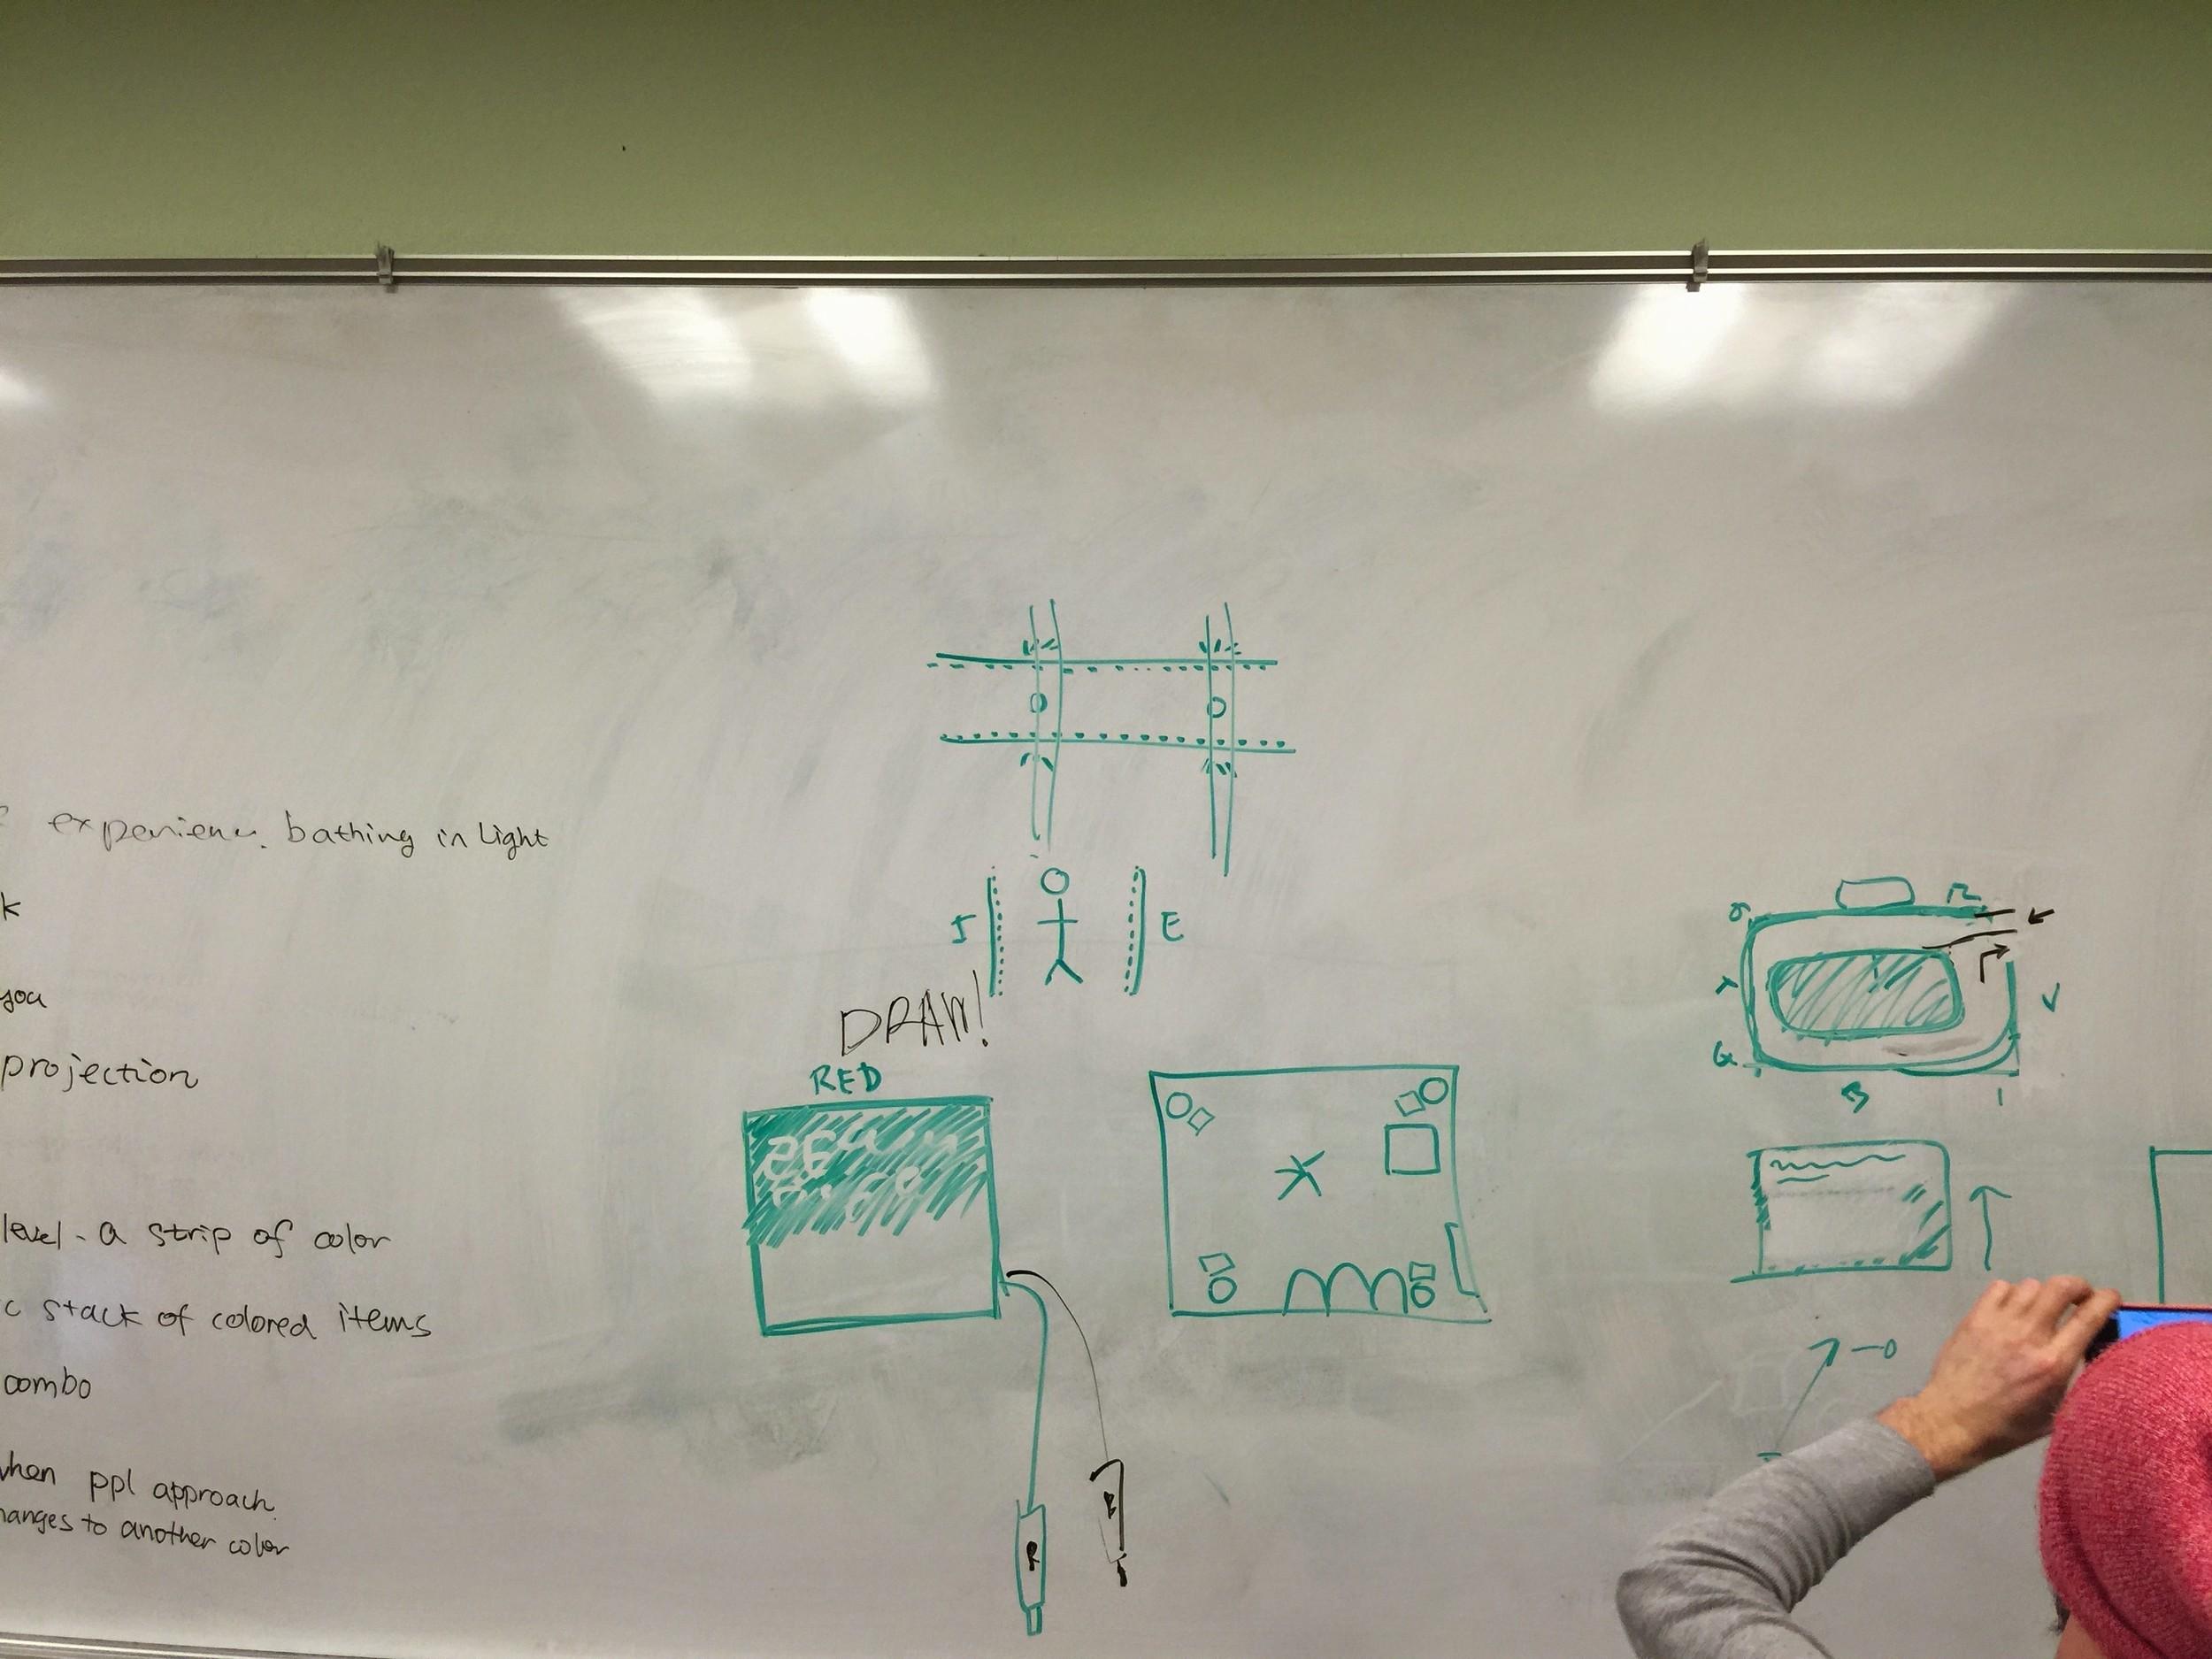 Brainstorming - Exhibit